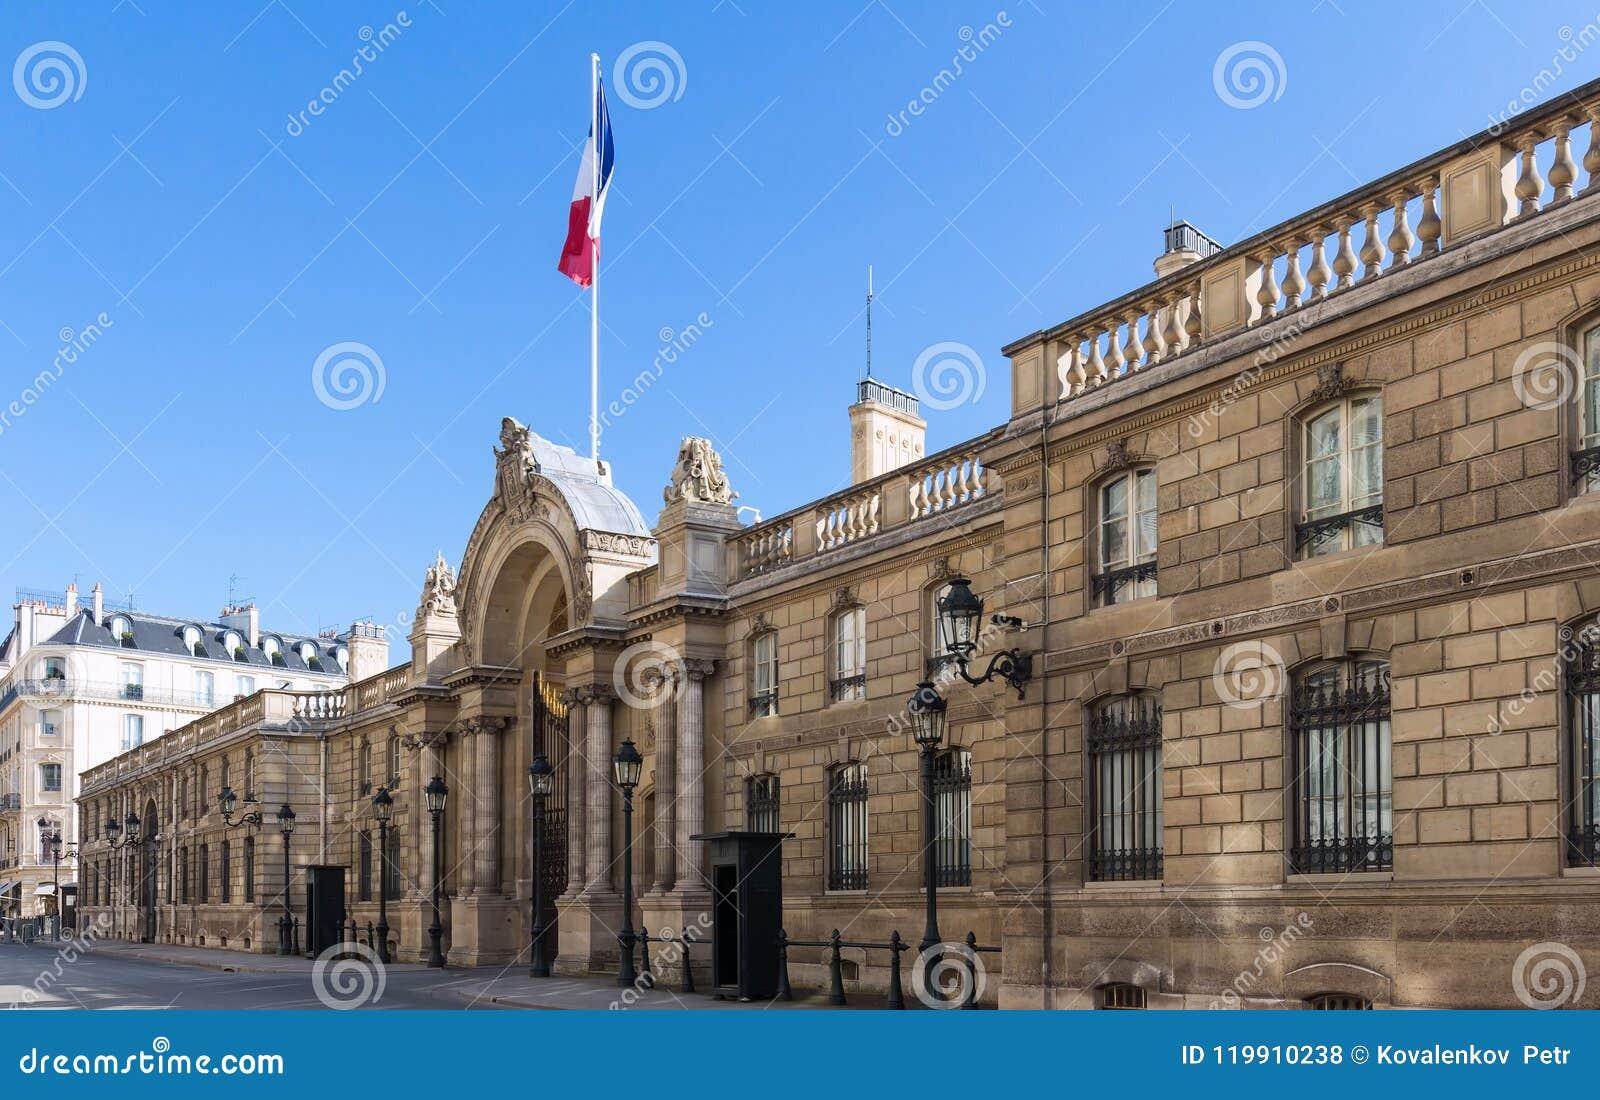 Vue de la porte d entrée de l Elysee Palace de la rue du Faubourg Saint-Honore Elysee Palace - résidence principale de